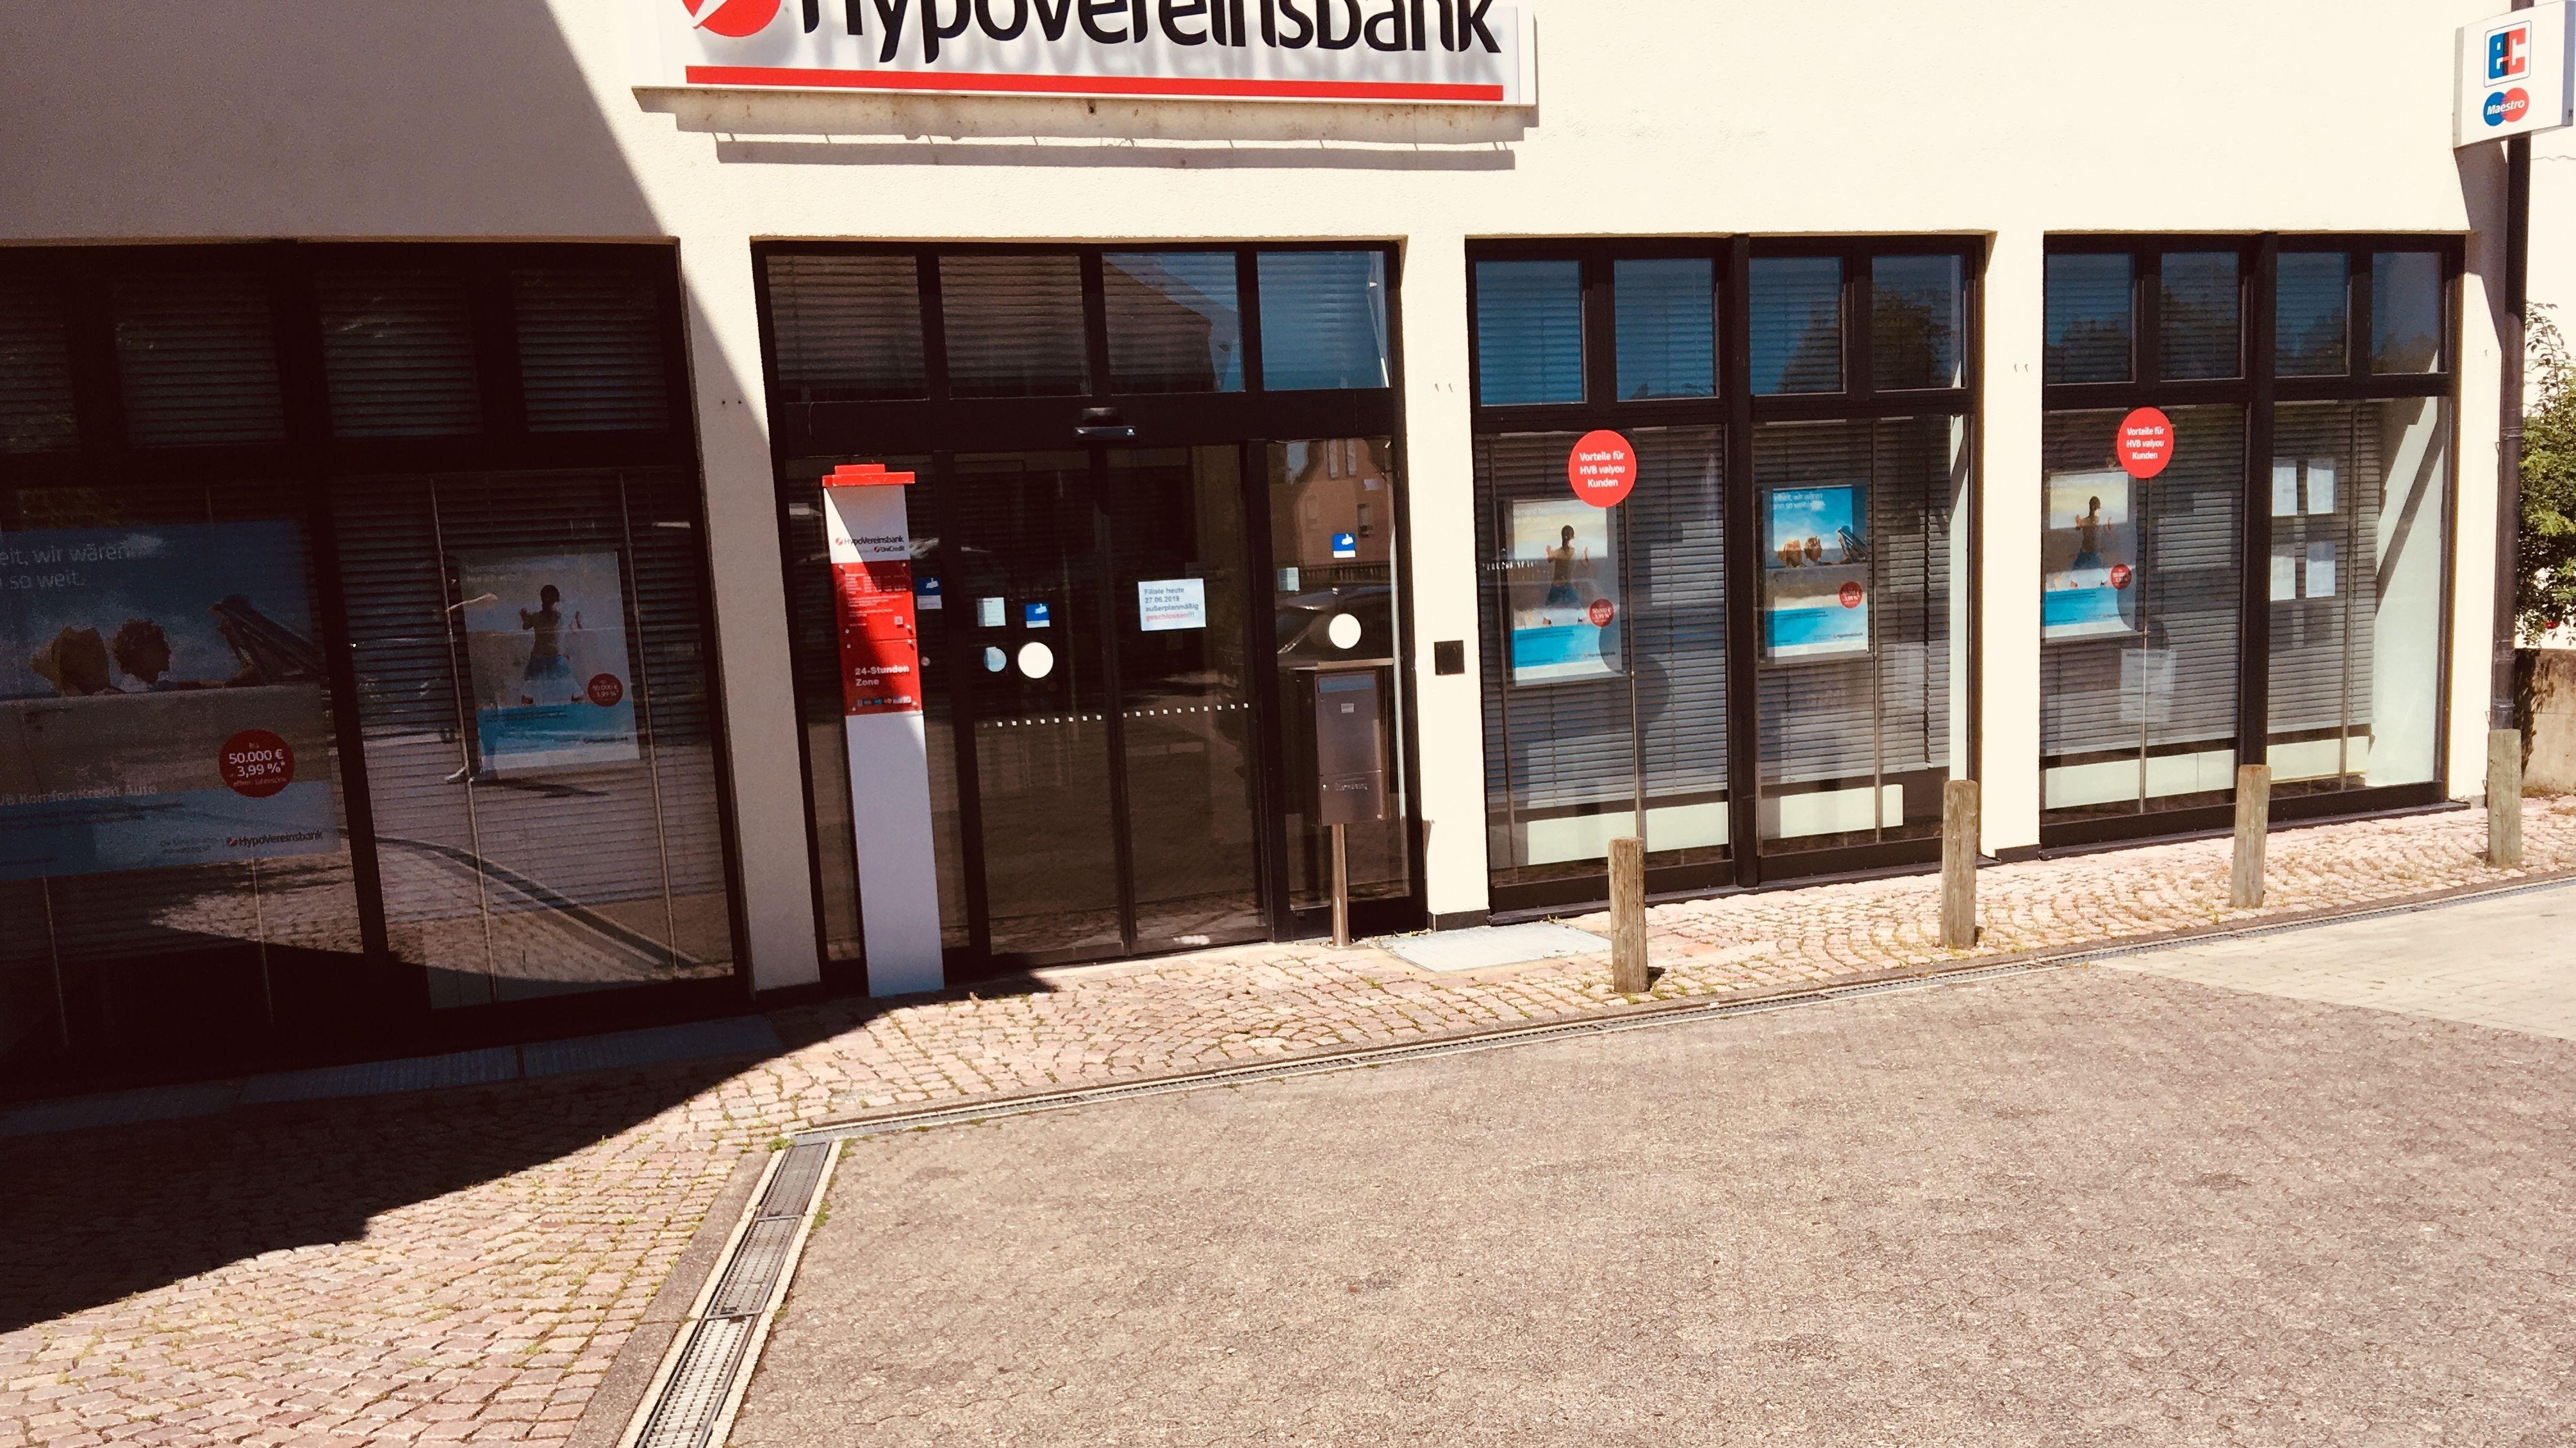 Hypovereinsbank in Lohr am Main